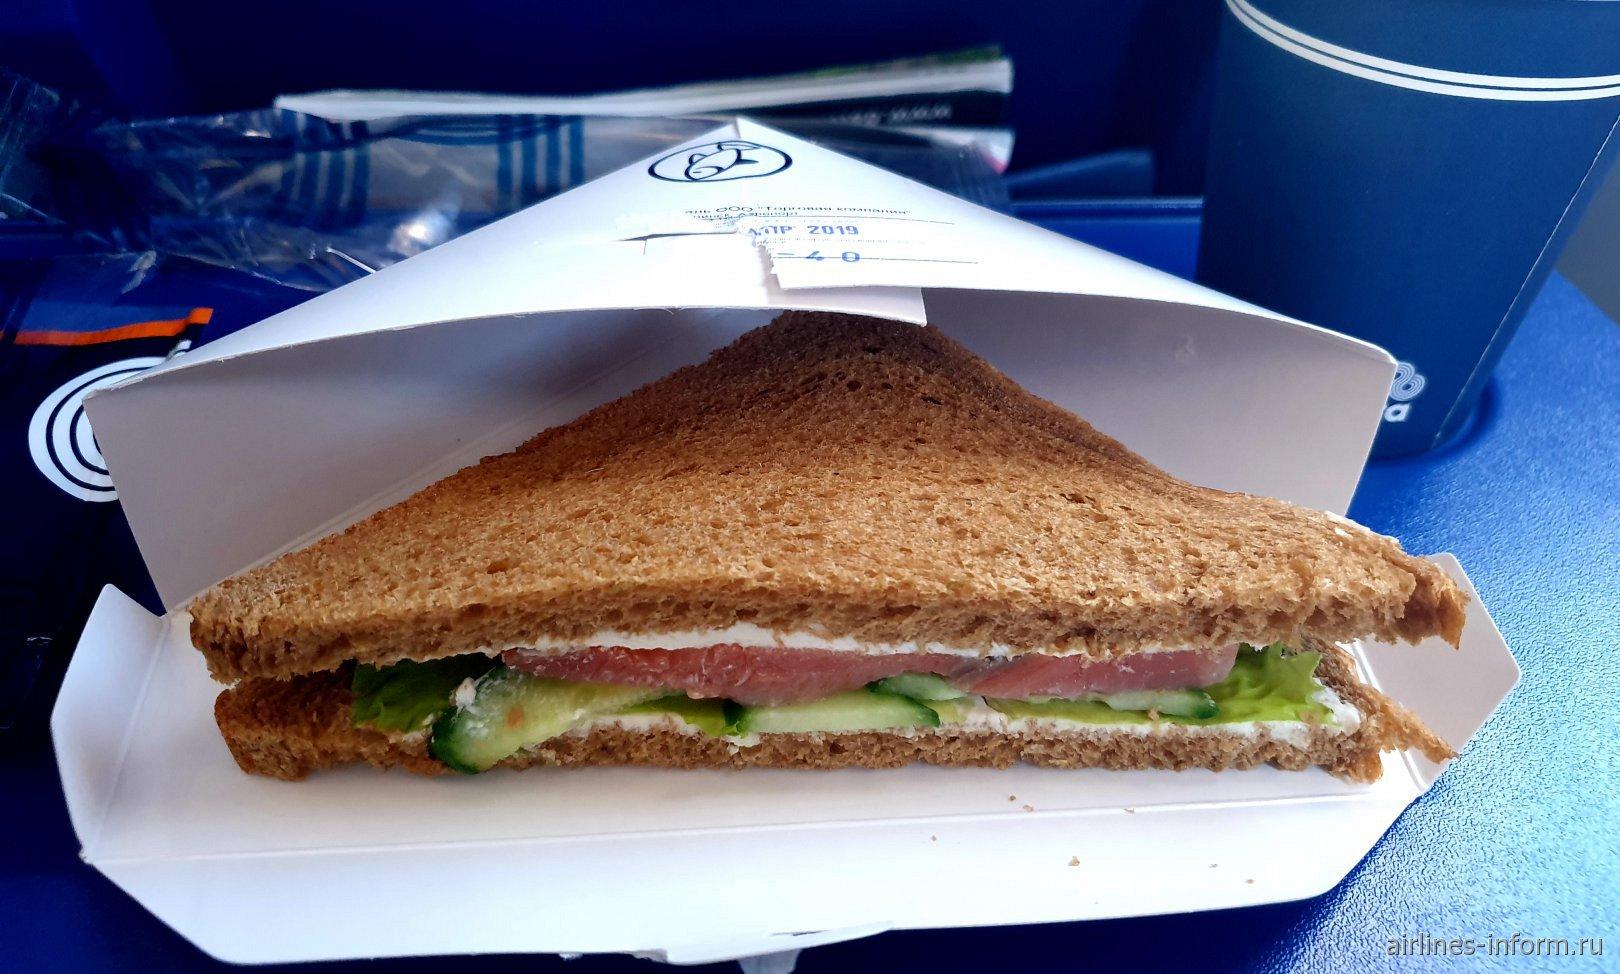 Сэндвич с овощами и рыбой на рейсе Южно-Сахалинск-Хабаровск авиакомпании